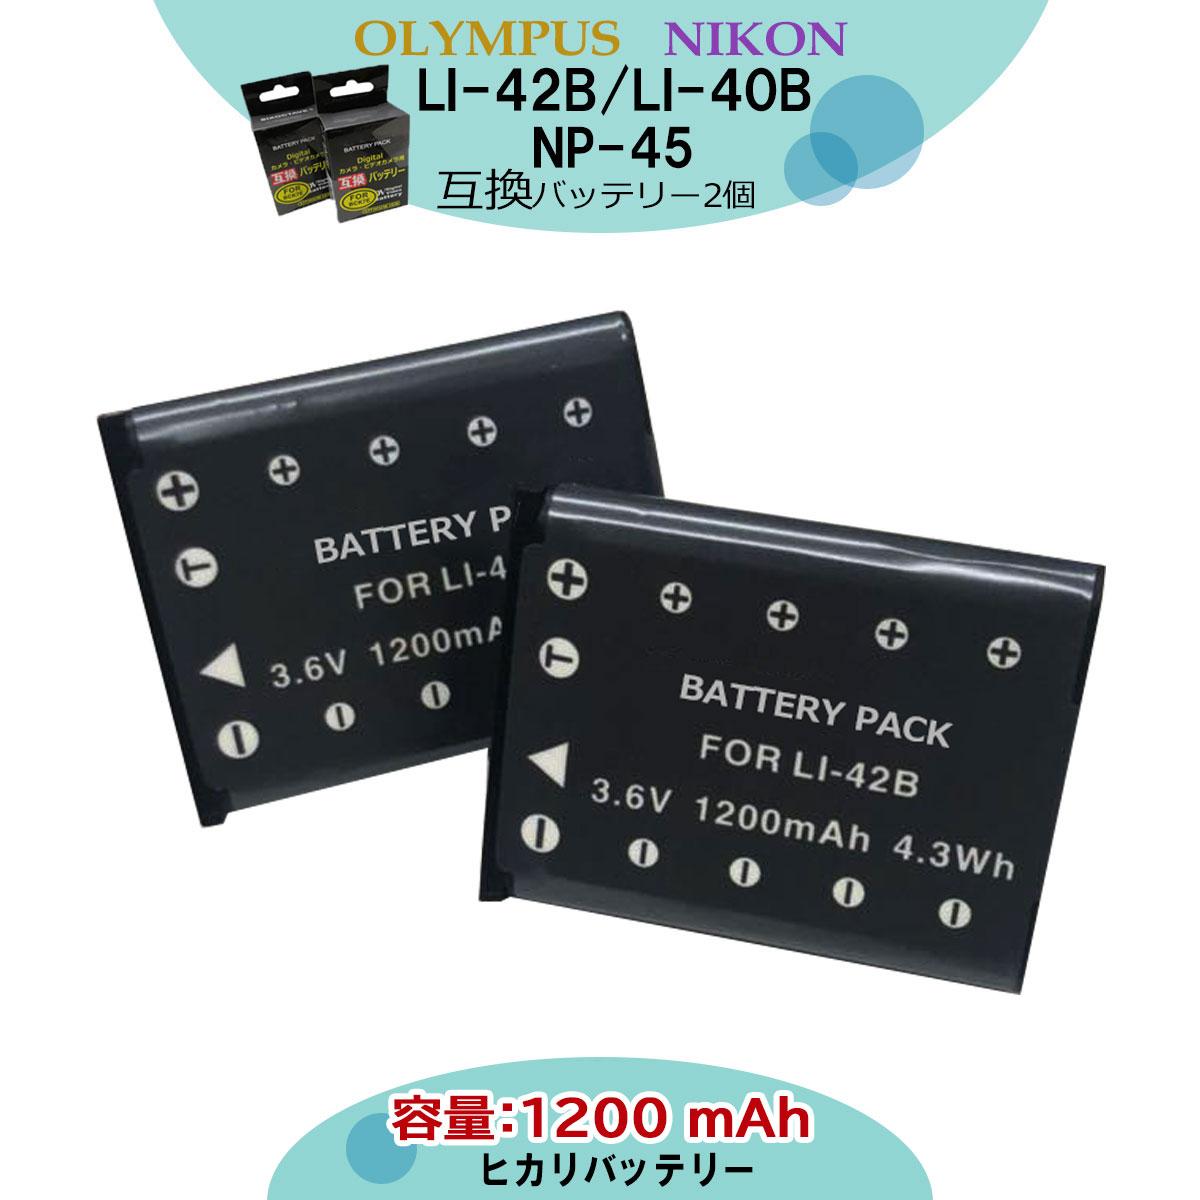 互換バッテリー 6ヶ月保証 残量表示可能純正充電器でも充電可能 2個セット あす楽対応 OLYMPUS KODAK 対応 LI-42B KLIC-7006 互換 交換用電池 残量表示可能 EasyShare X-905 M200 X-960 X-875 M23 X-855 X-920 低廉 X-970 X-915 M522 M22 X-845 M530 通常便なら送料無料 X-935